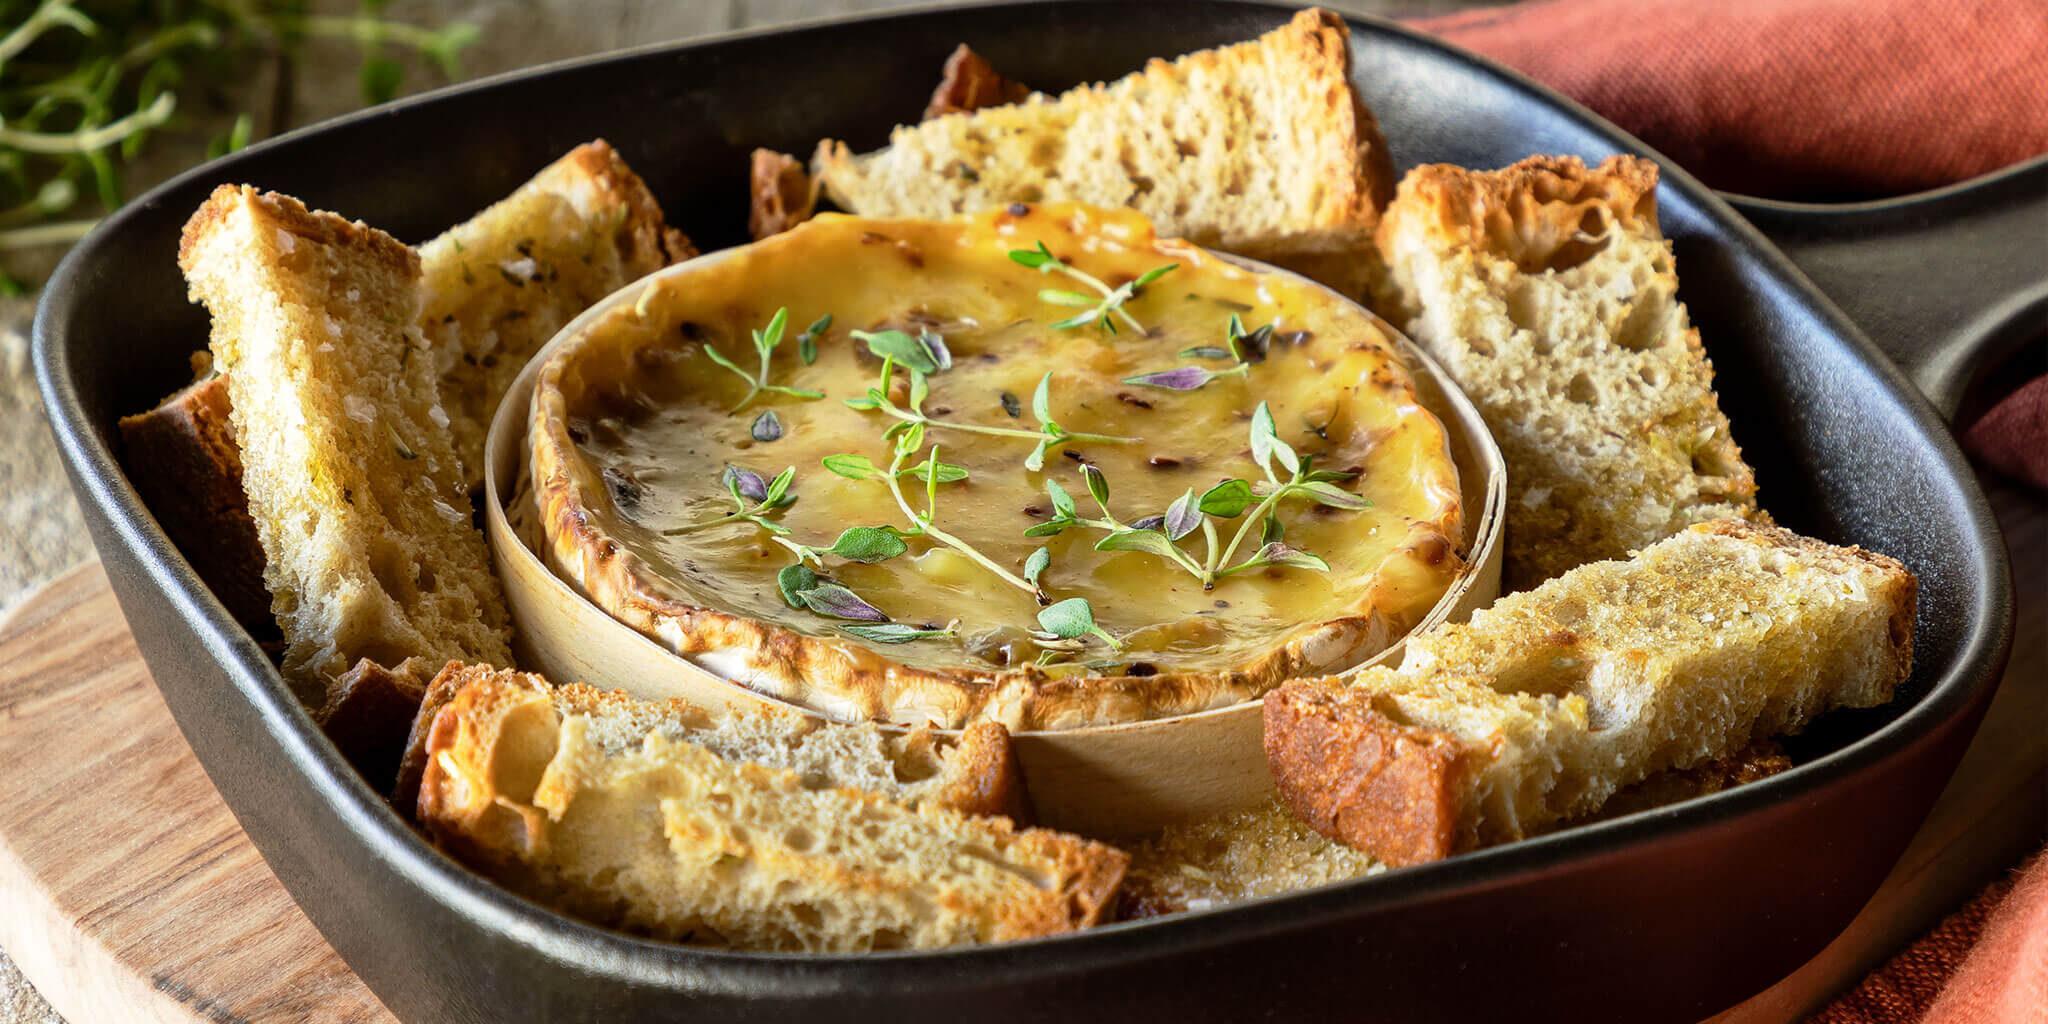 Queijo <em>Camembert</em> no forno com torradinhas de ervas e azeite